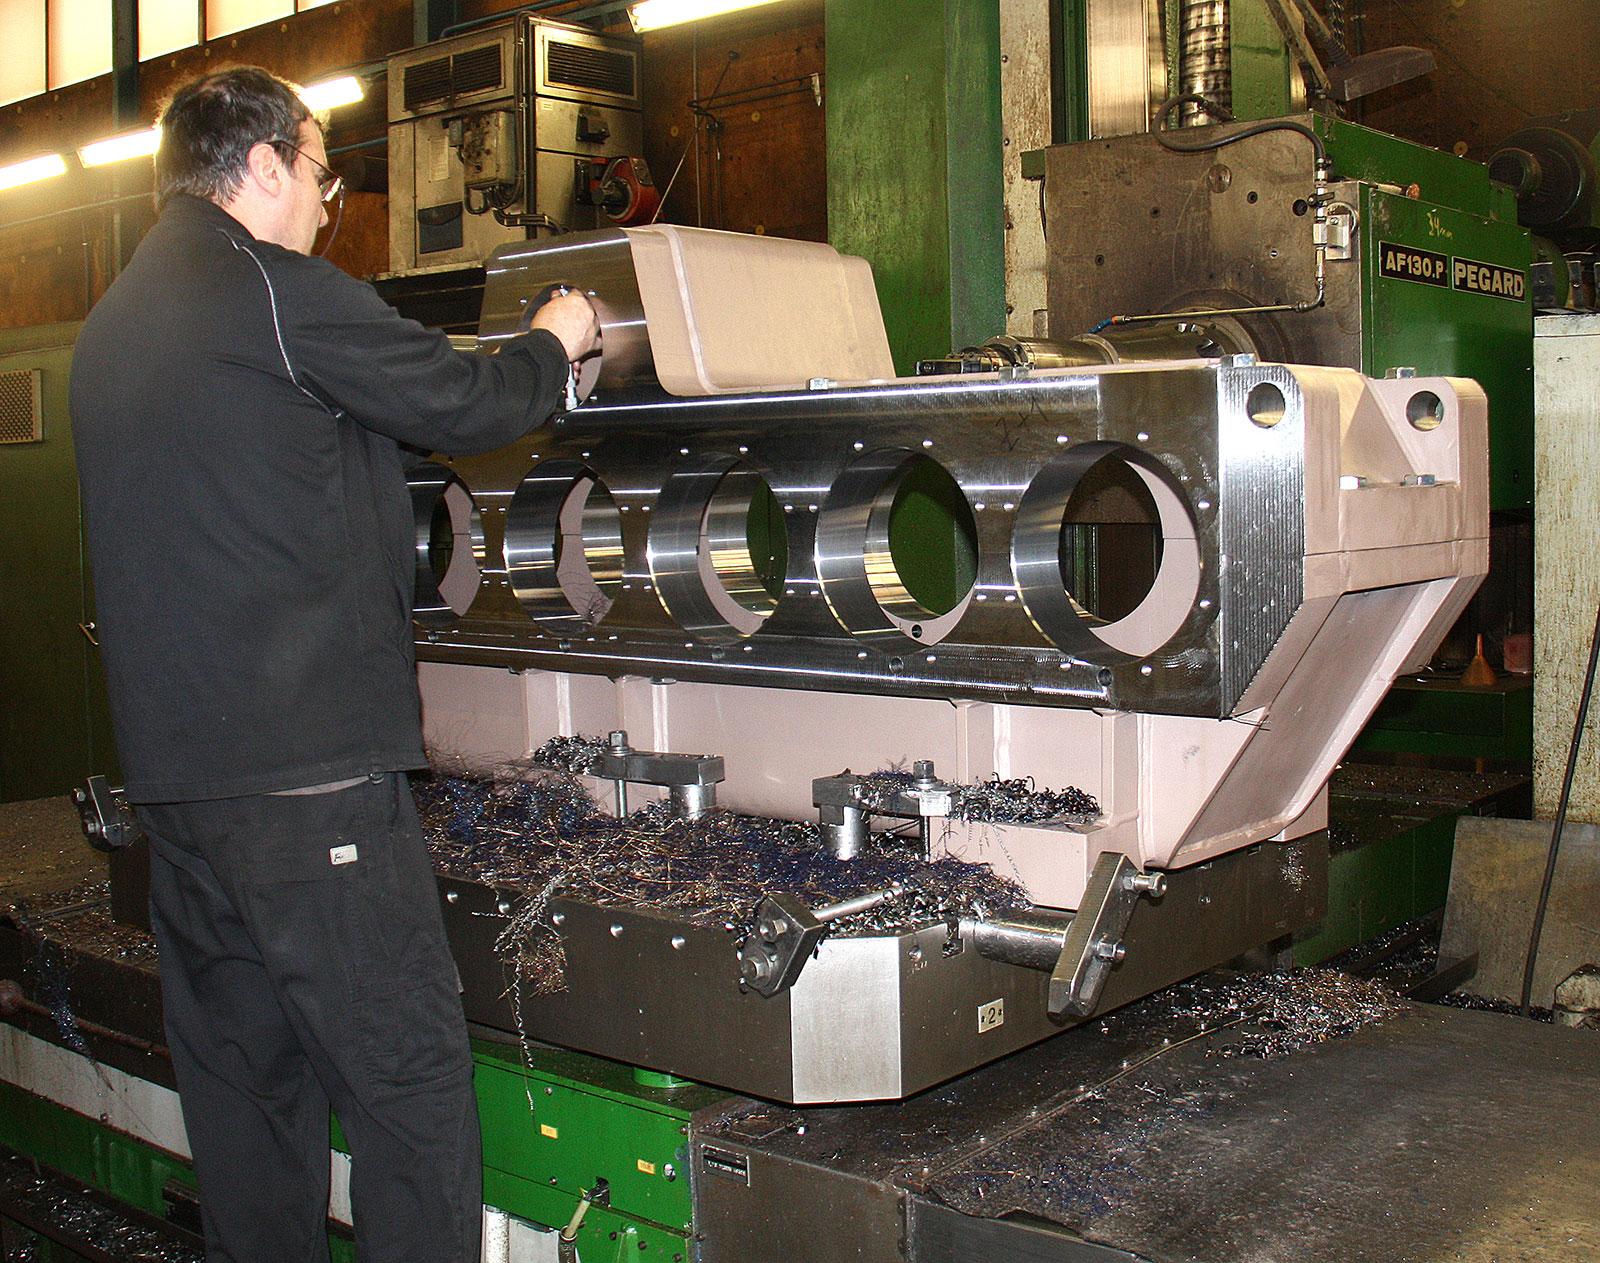 Alvarin-Metalli-alihankinta-konepaja-metalliteollisuus-koneistus-5